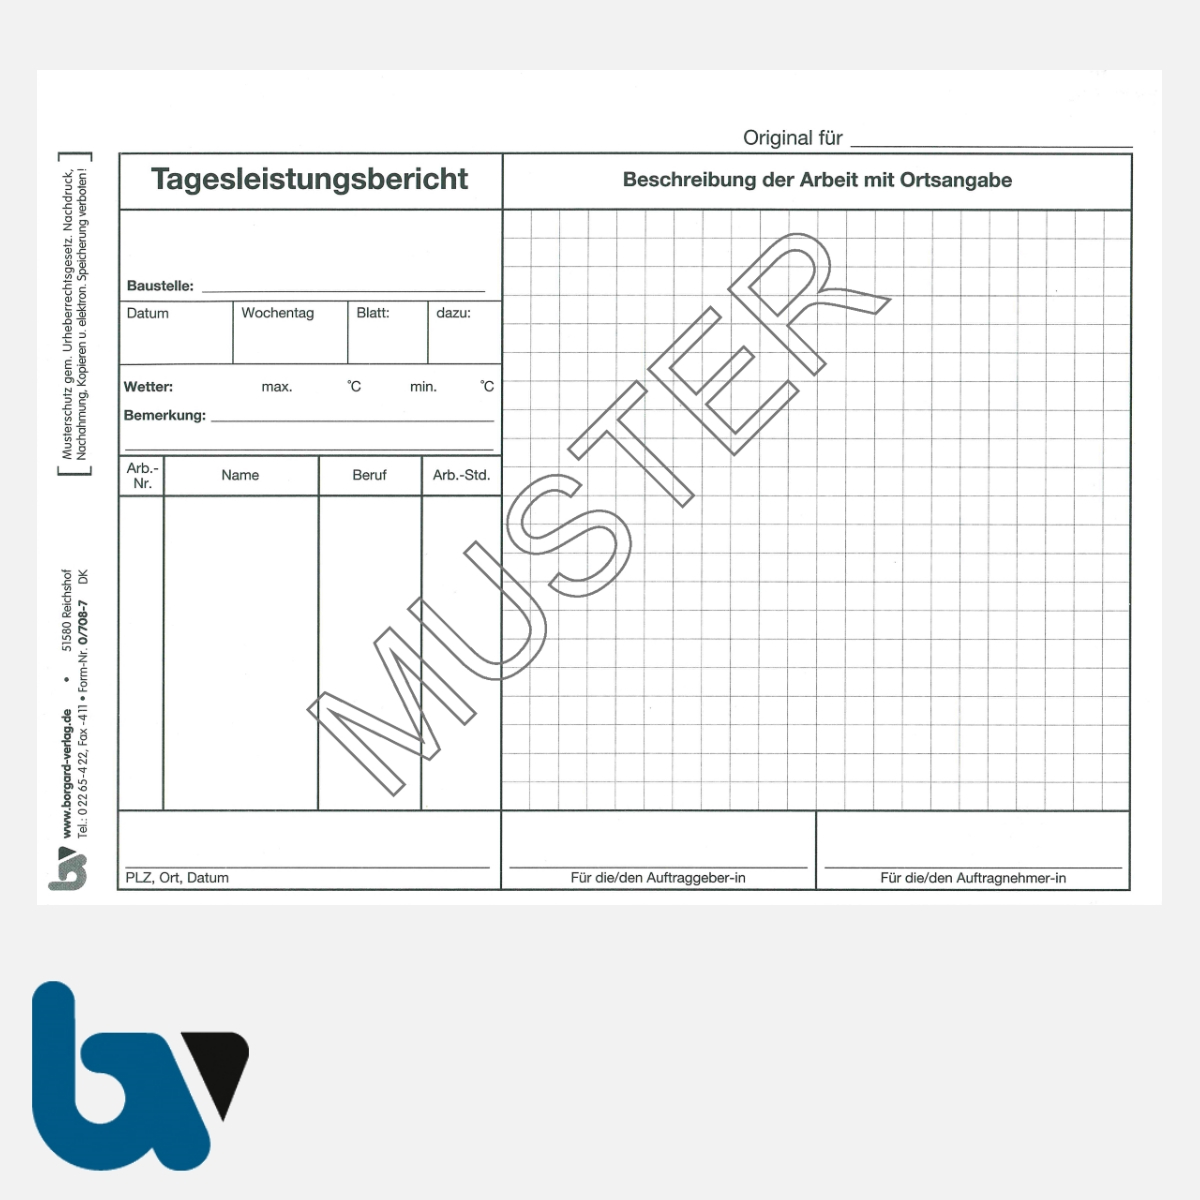 0/708-7 Tagesleistungsbericht Baustelle Arbeit selbstdurchschreibend Einschlagdeckel Durchschreibeschutz Schreibschutzdeckel perforiert DIN A5 Seite 1 | Borgard Verlag GmbH